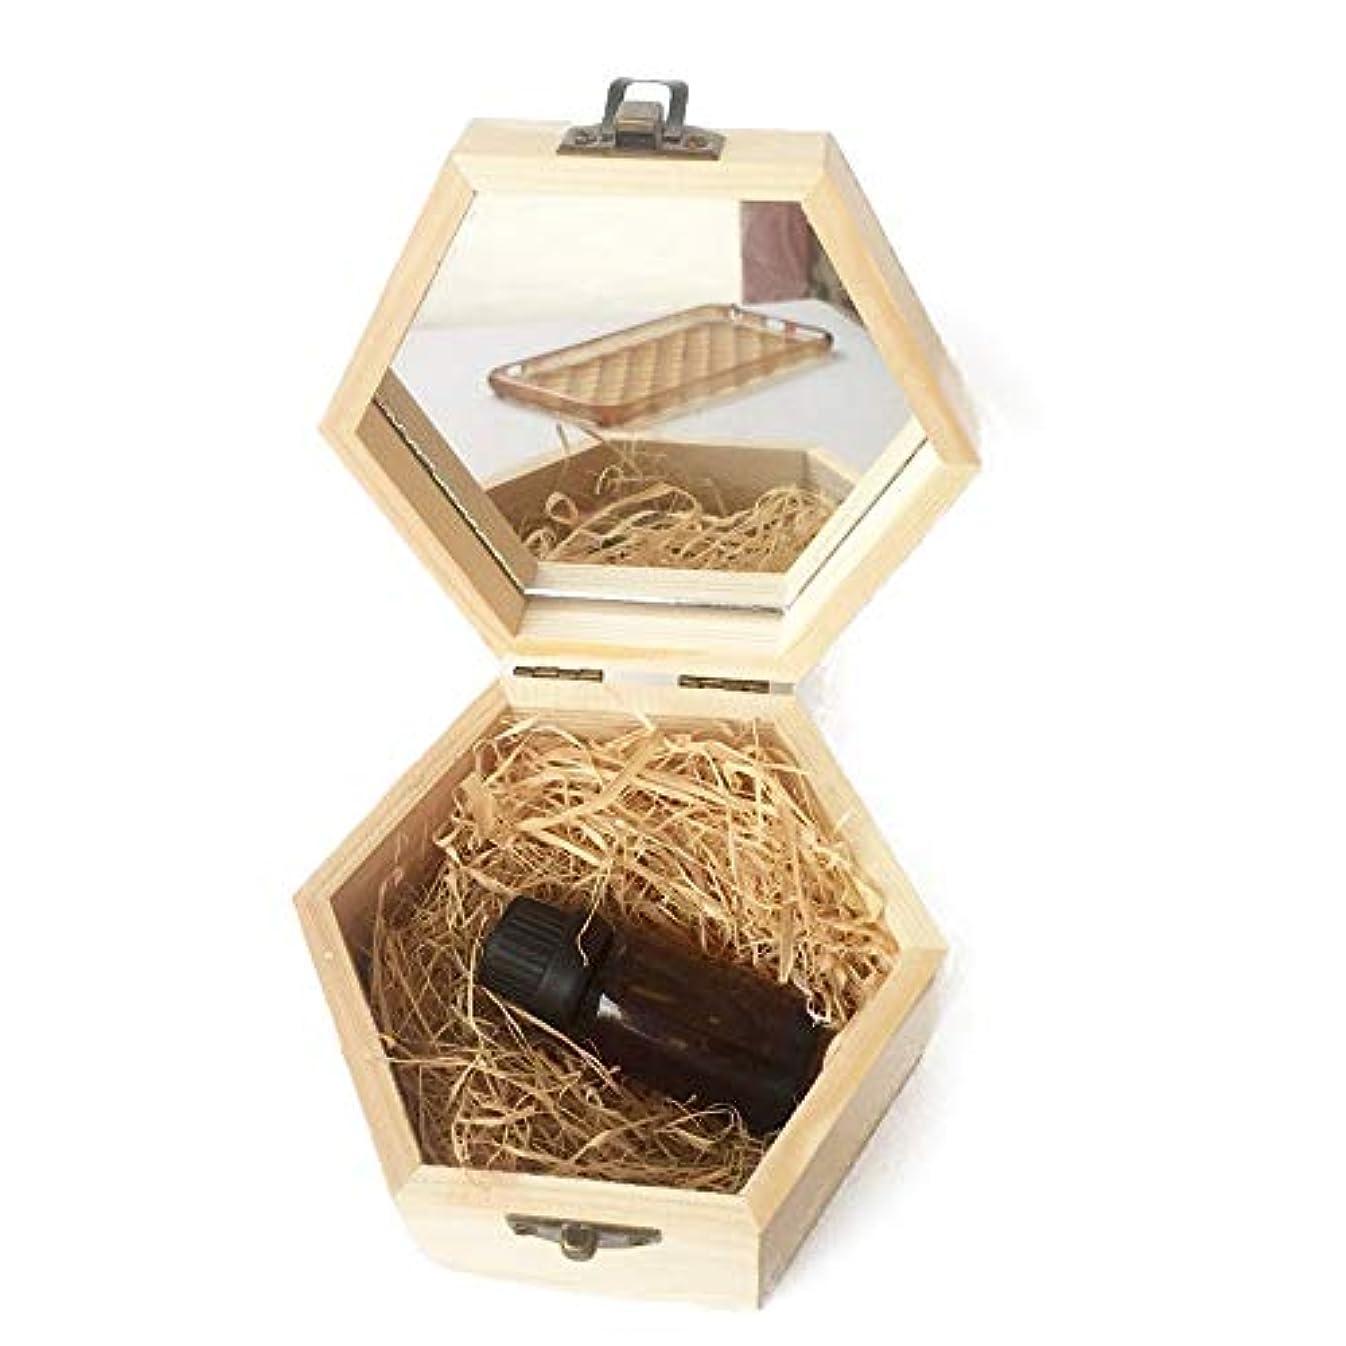 役職前奏曲ごみエッセンシャルオイルストレージボックス アロマセラピーのためにエッセンシャルオイル木箱の品質の収納ケース 旅行およびプレゼンテーション用 (色 : Natural, サイズ : 13X11.3X6.8CM)